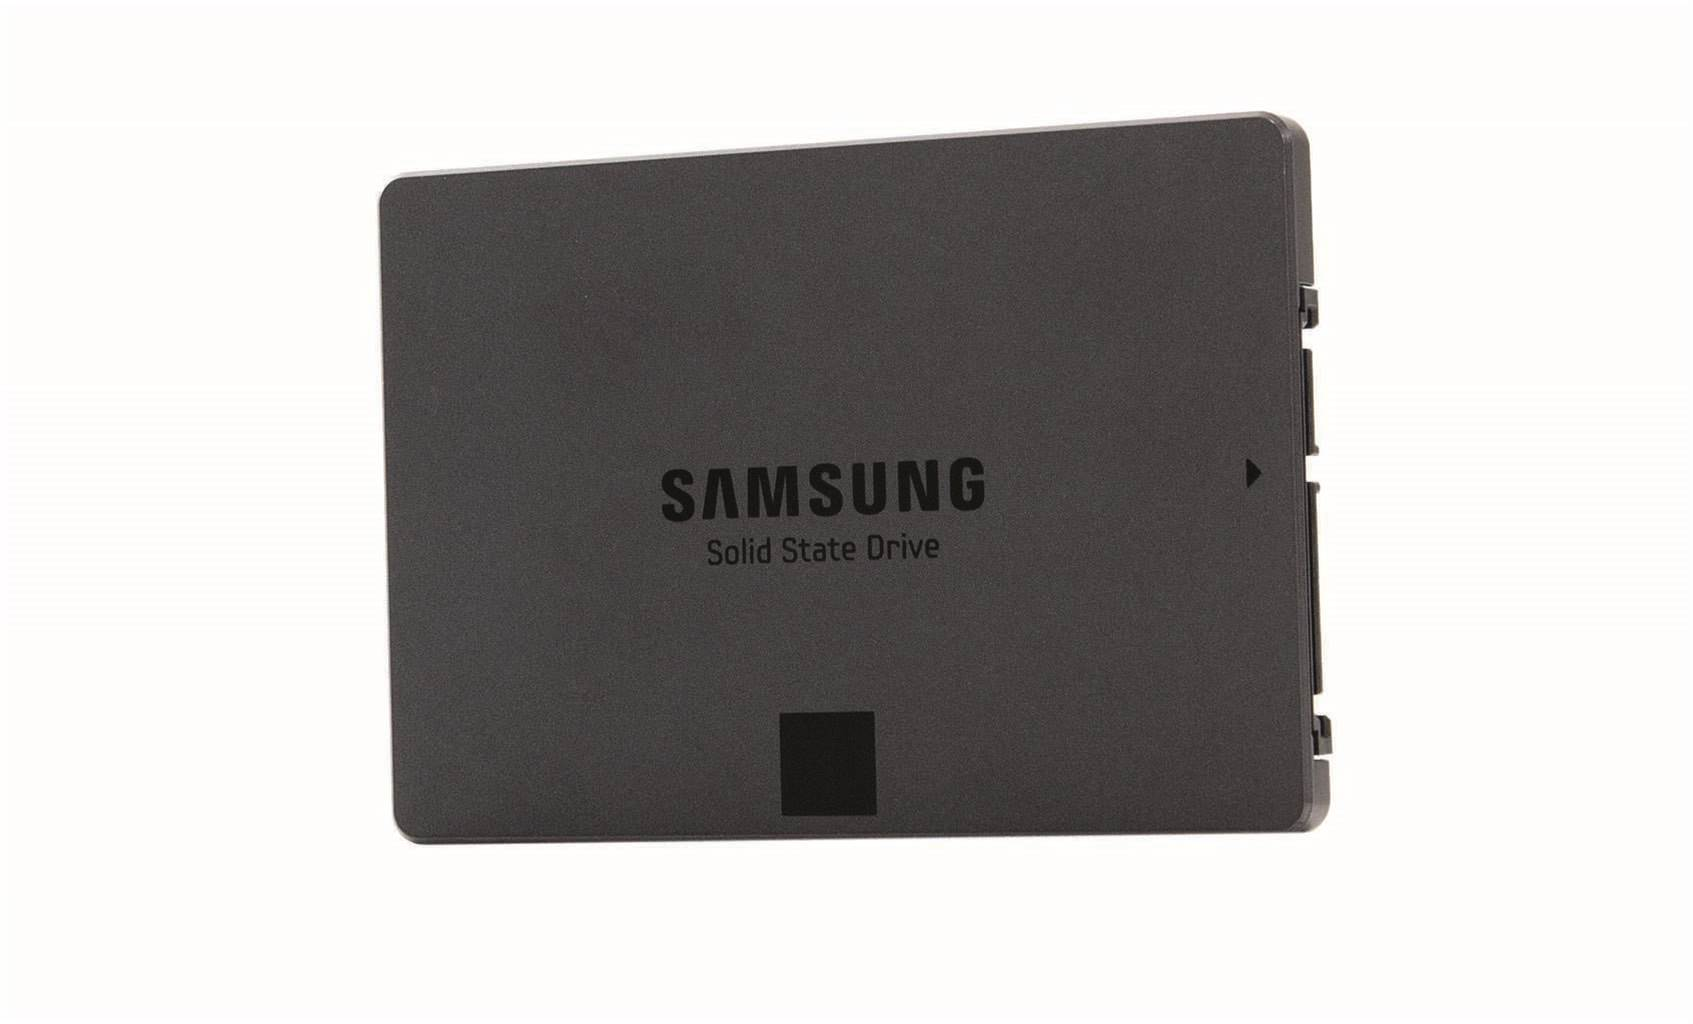 Review: Samsung 840 EVO SSD